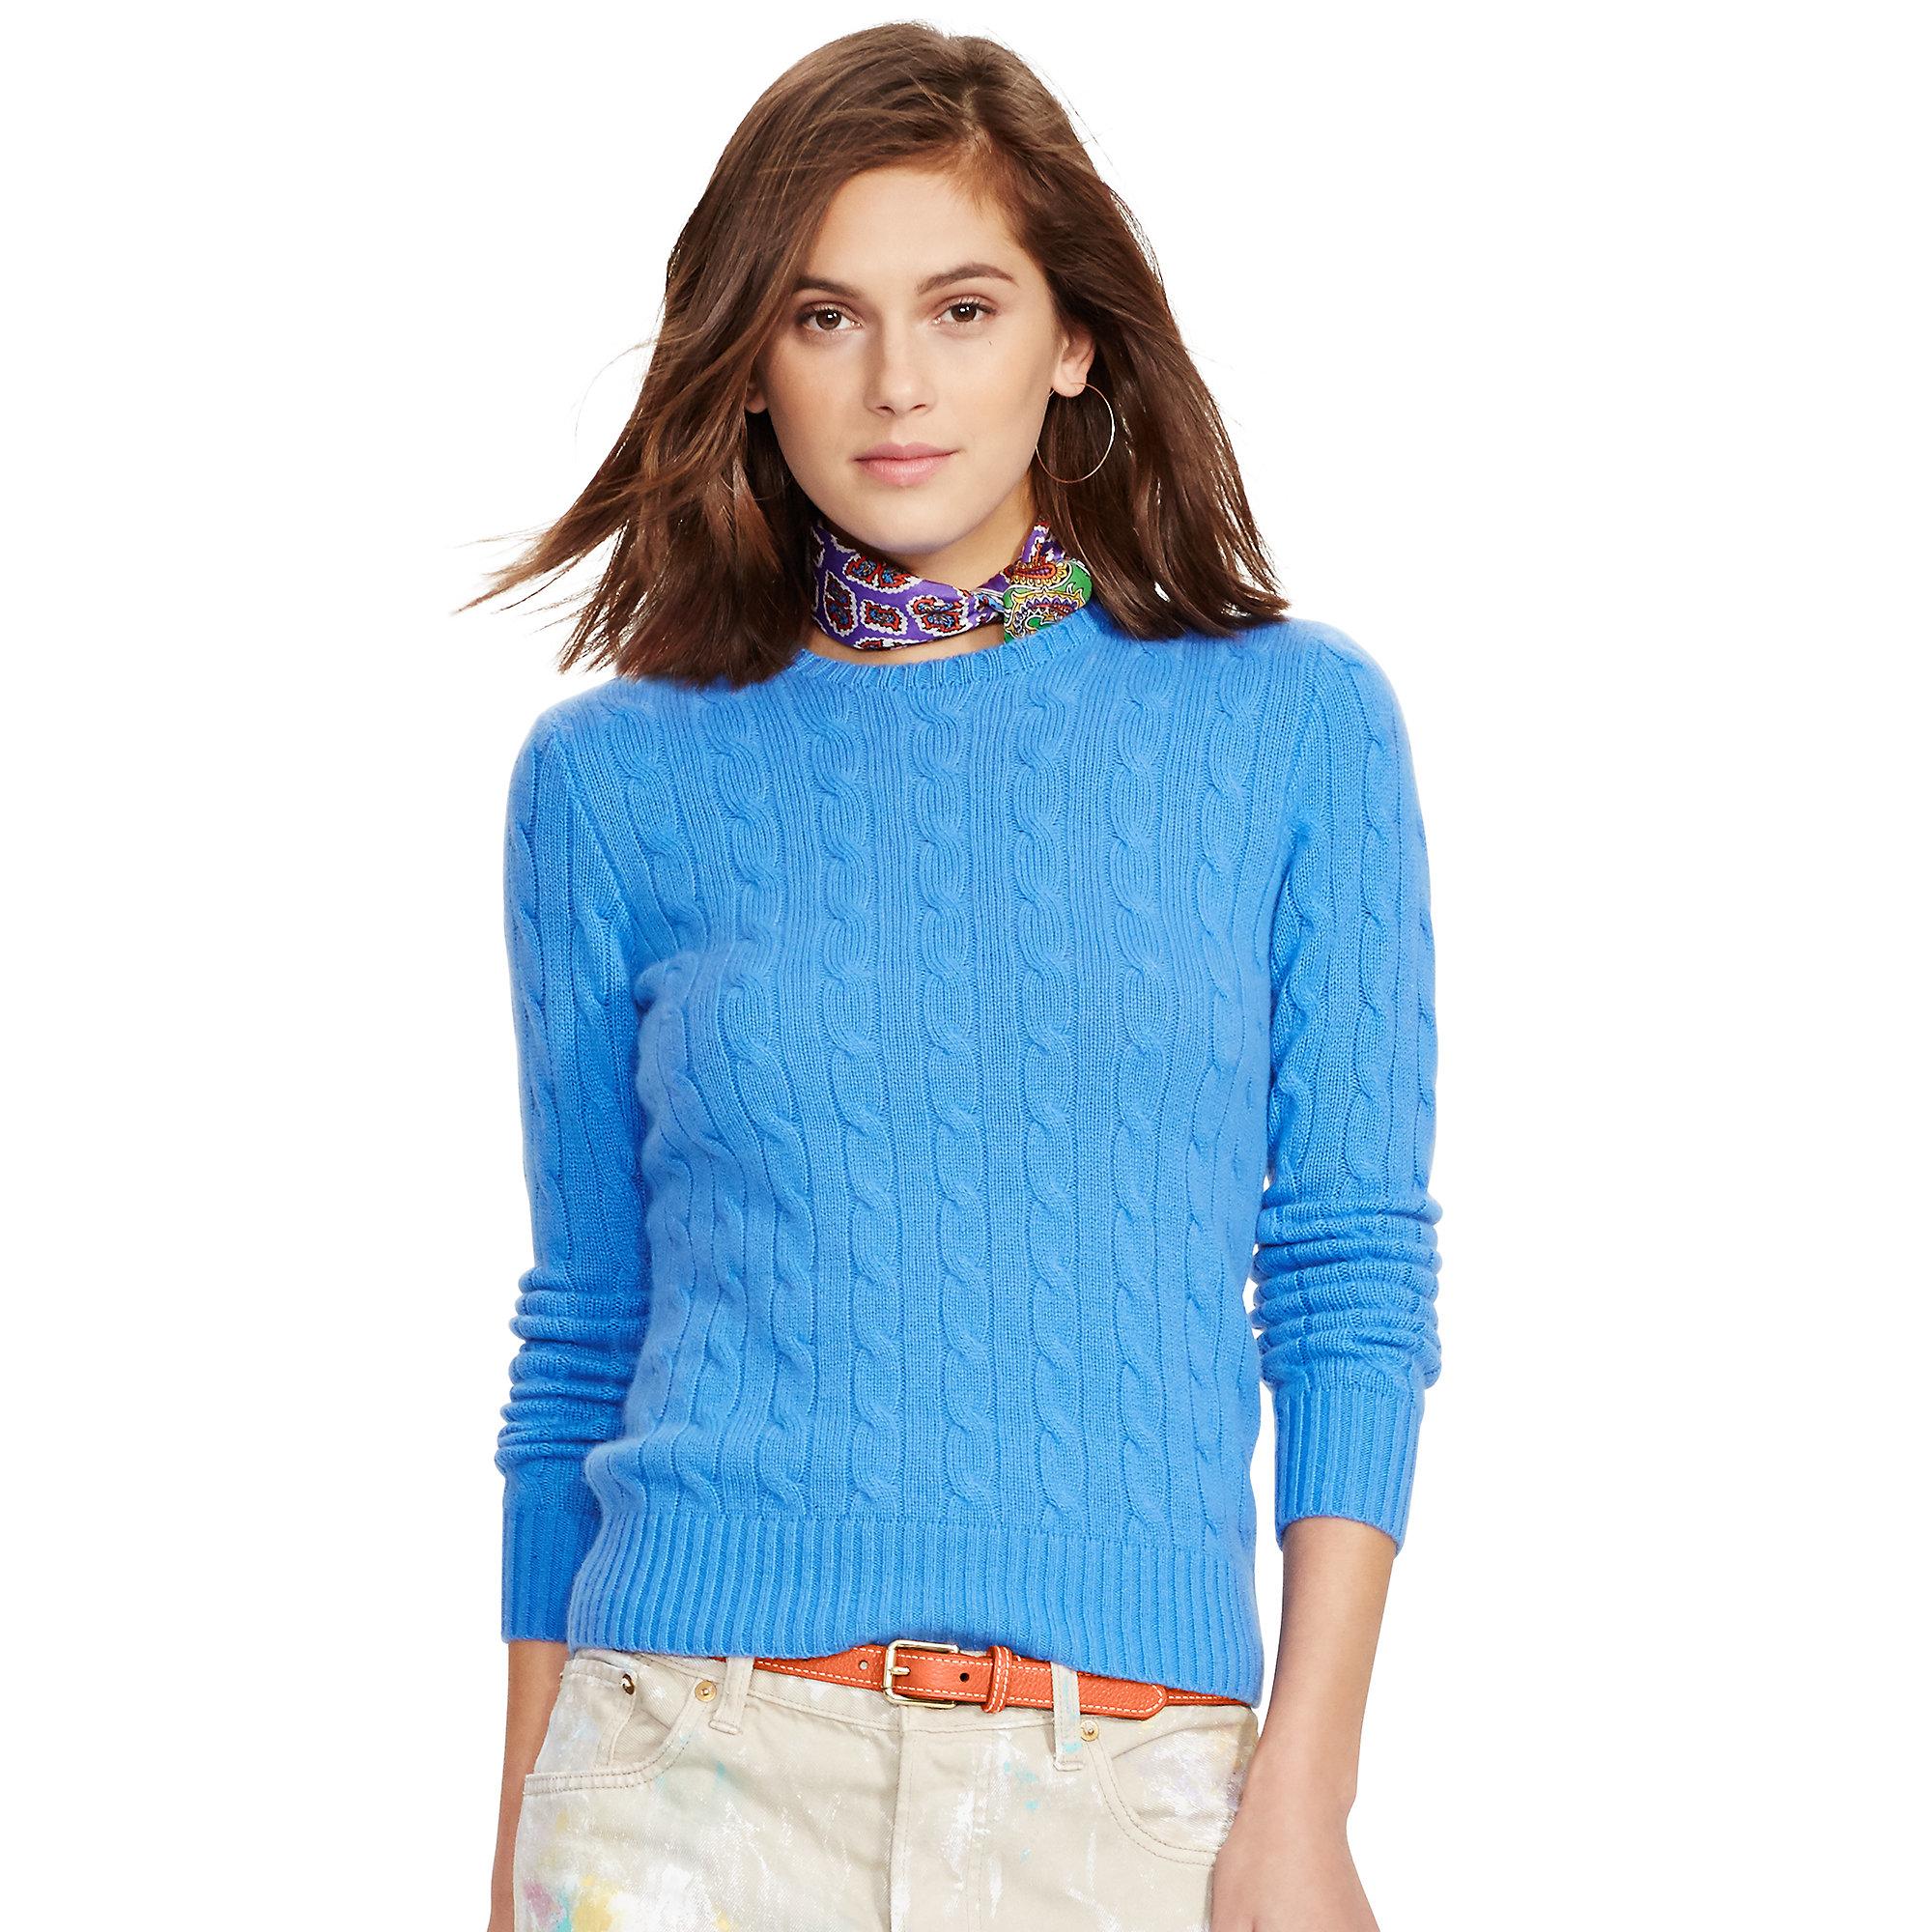 fadb6df344 best polo ralph lauren womens cashmere sweater 5a111 06b0c